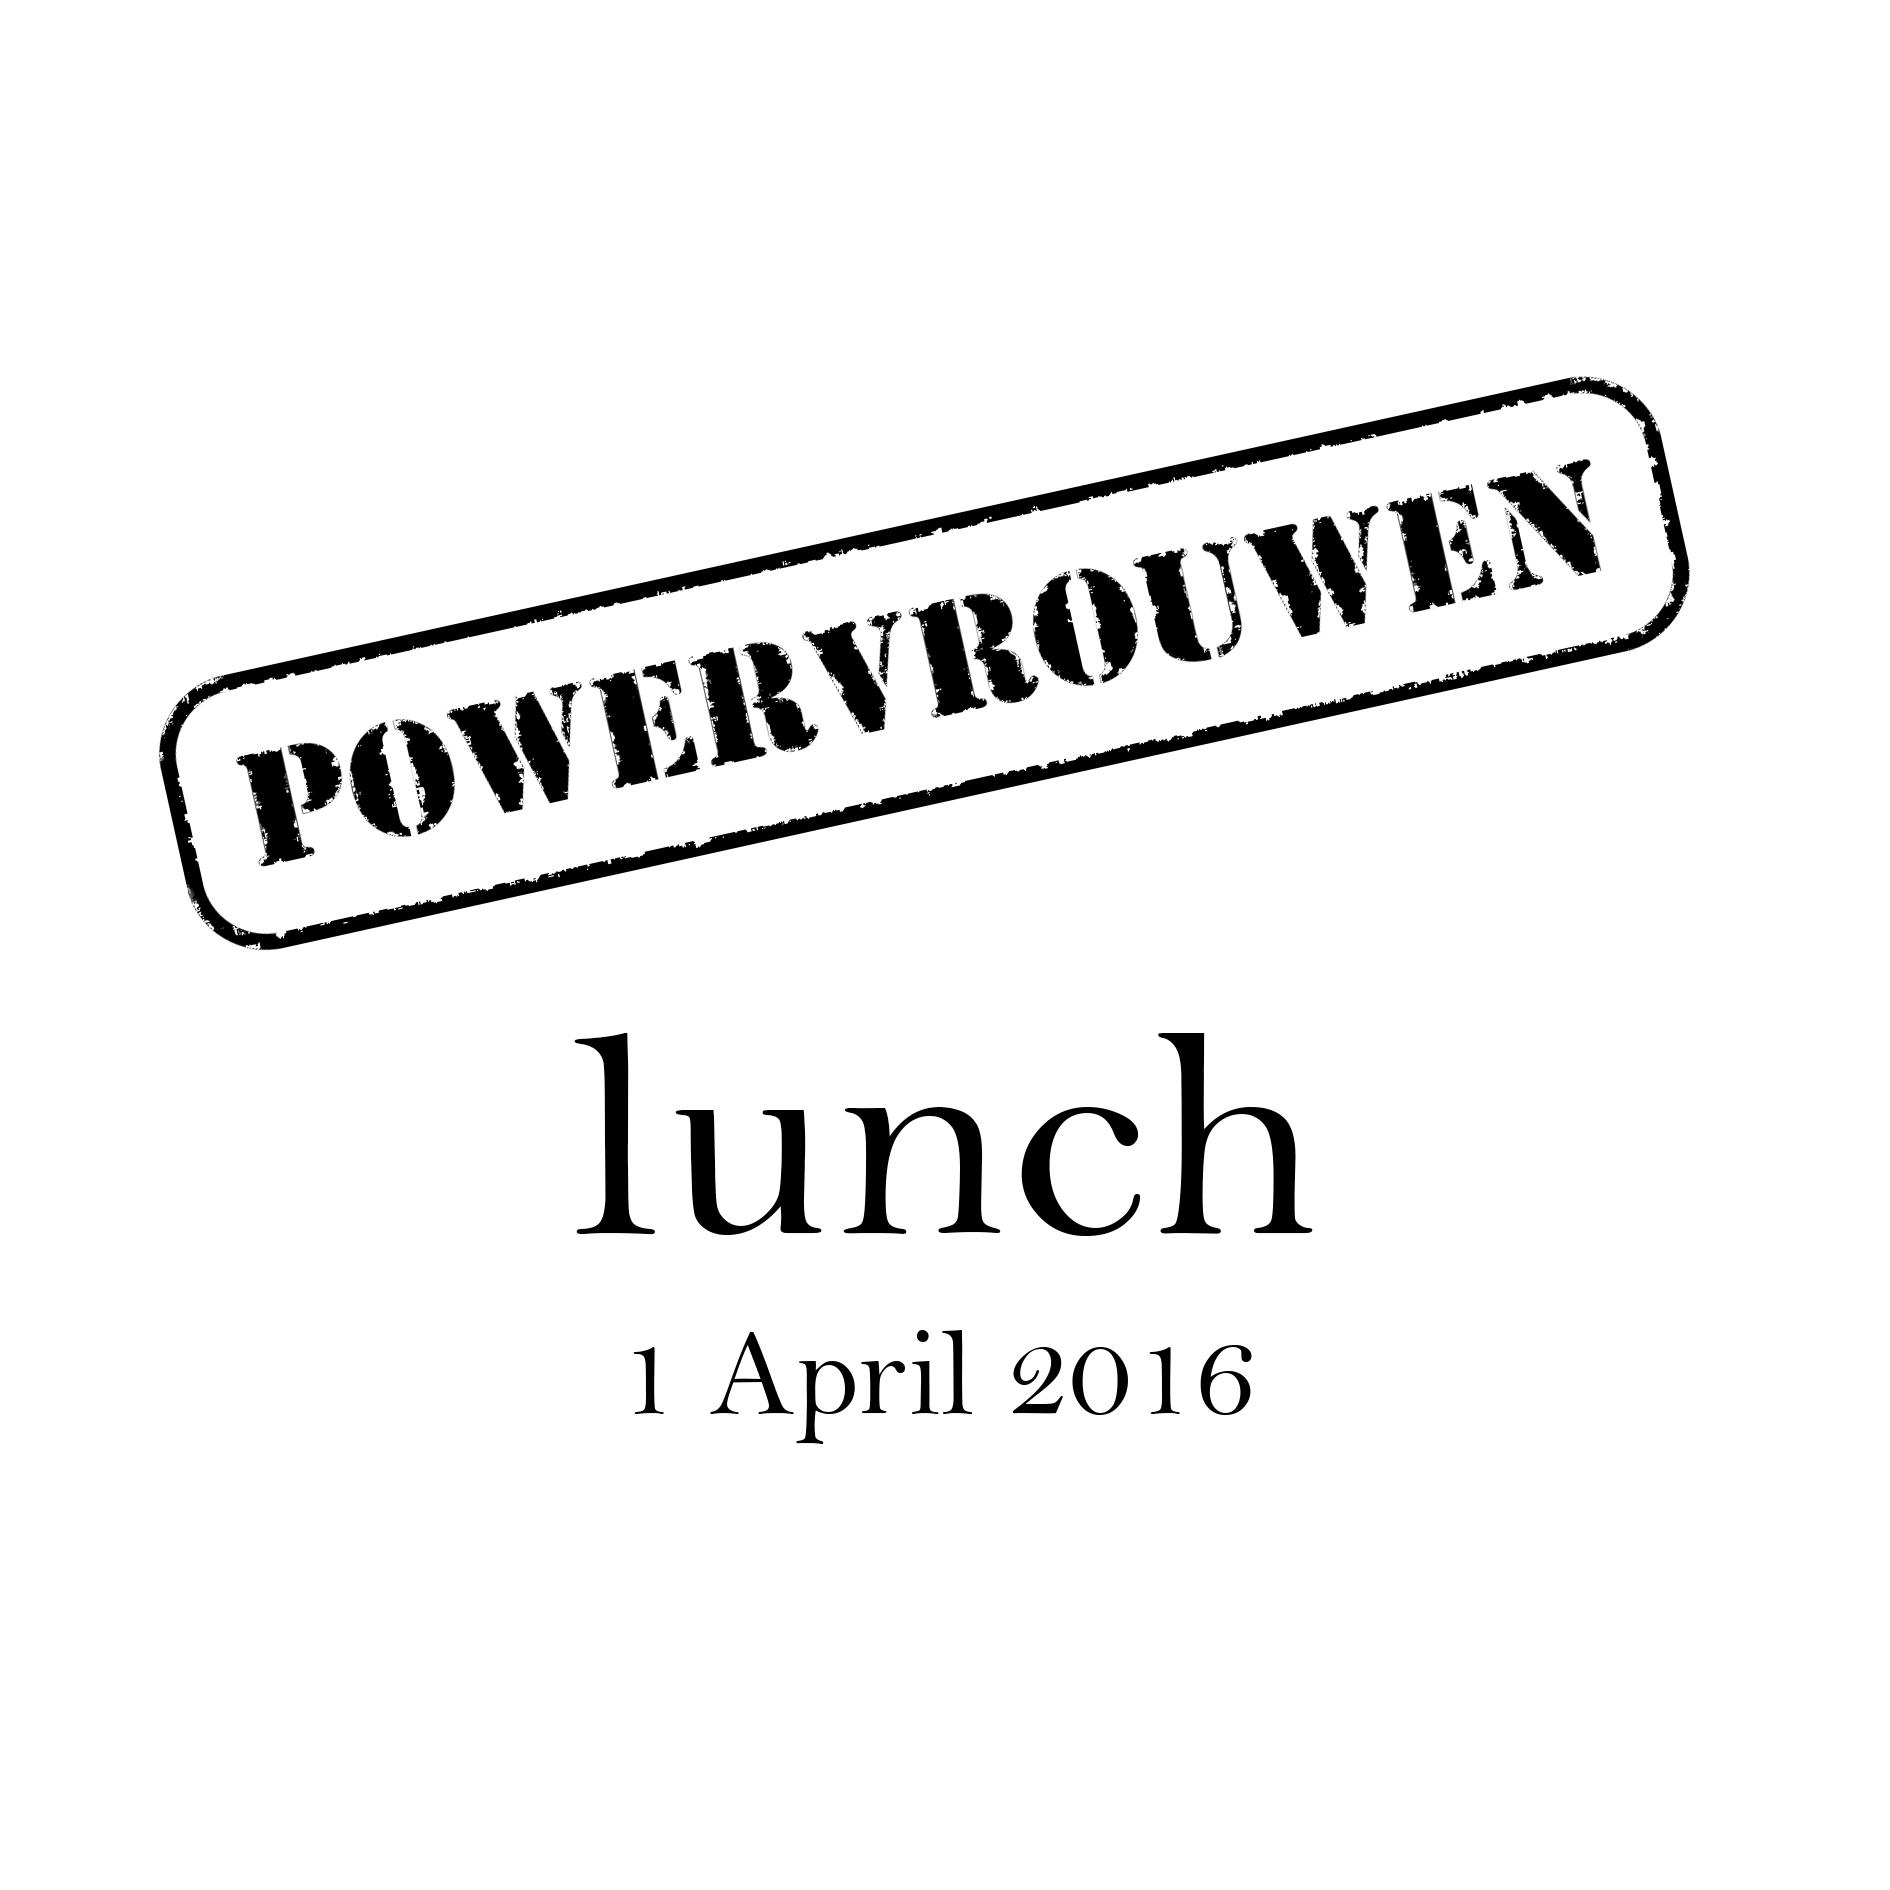 Powervrouwen Lunch